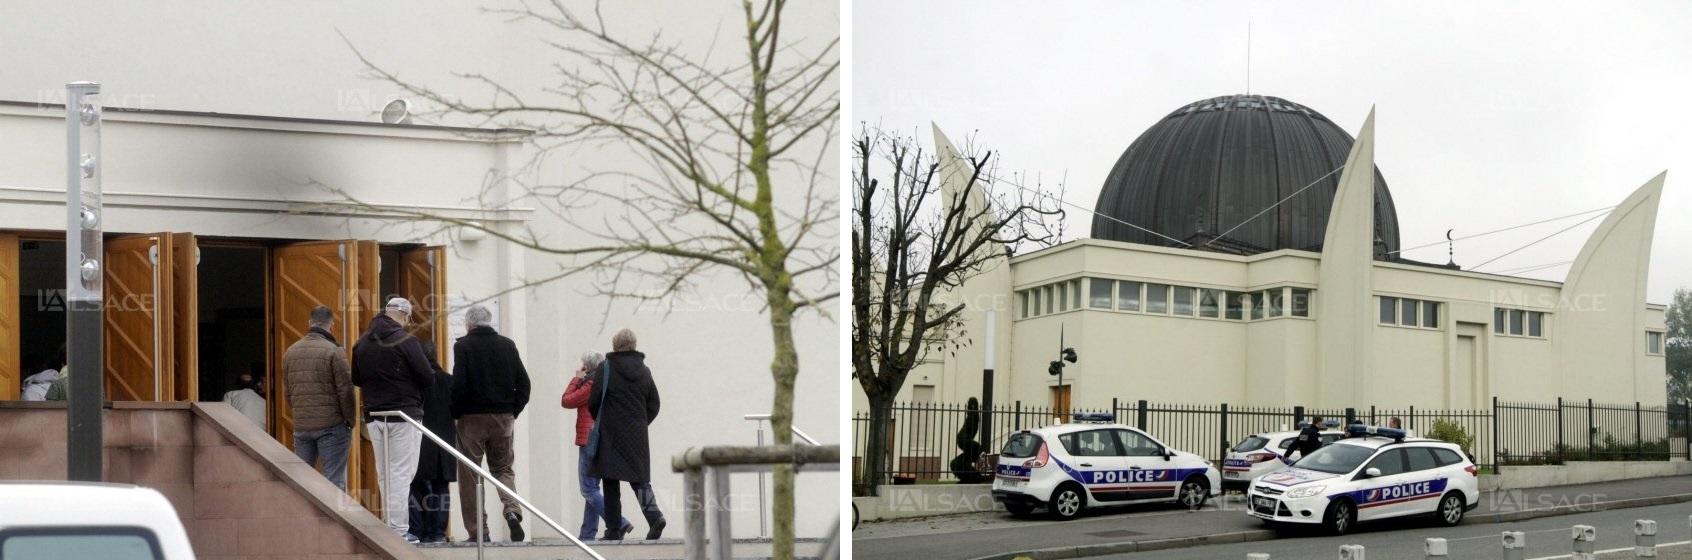 Strasbourg Grand Mosque arson attack